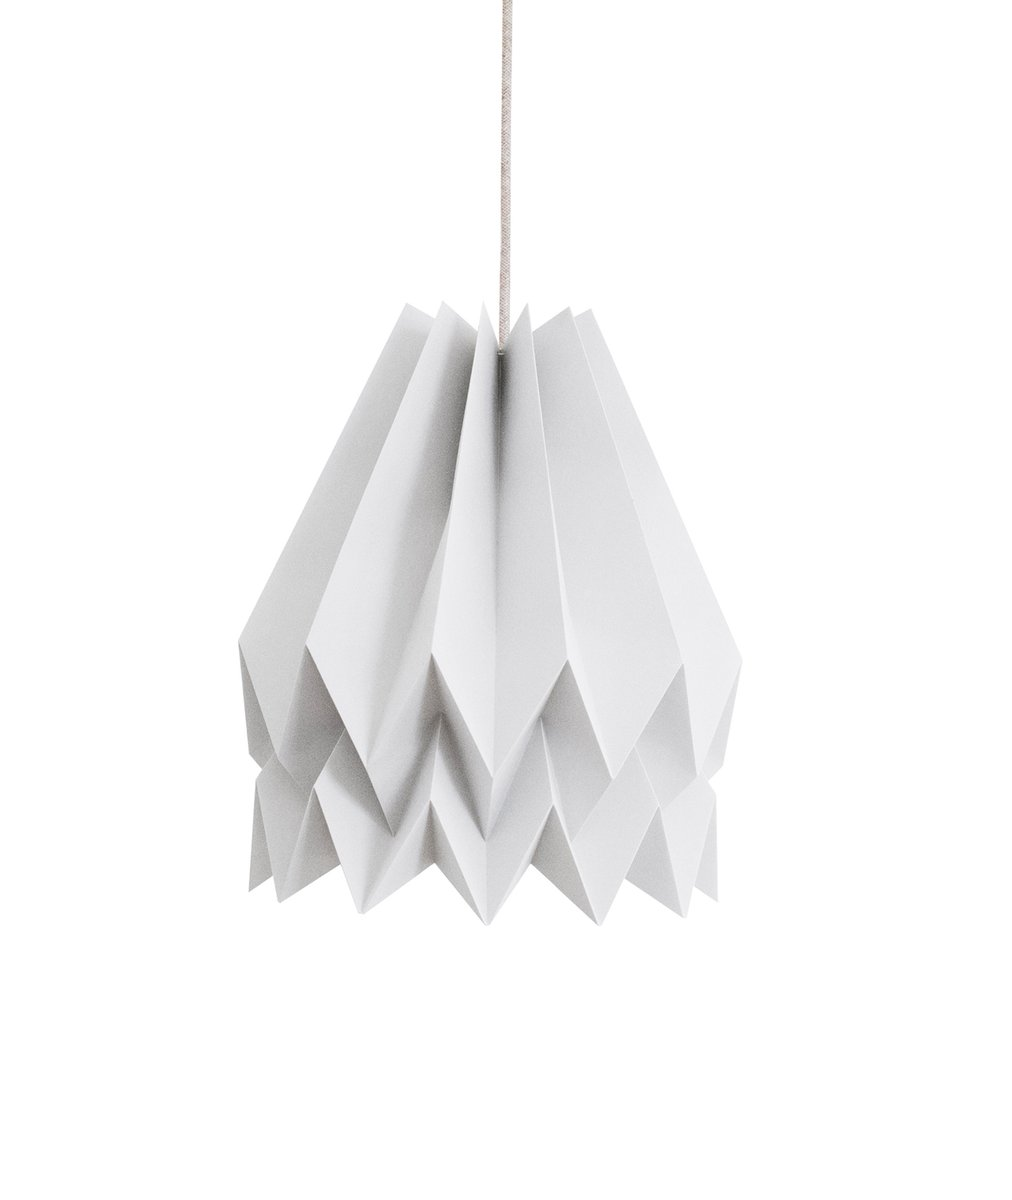 Hellgraue Origami Lampe von Orikomi